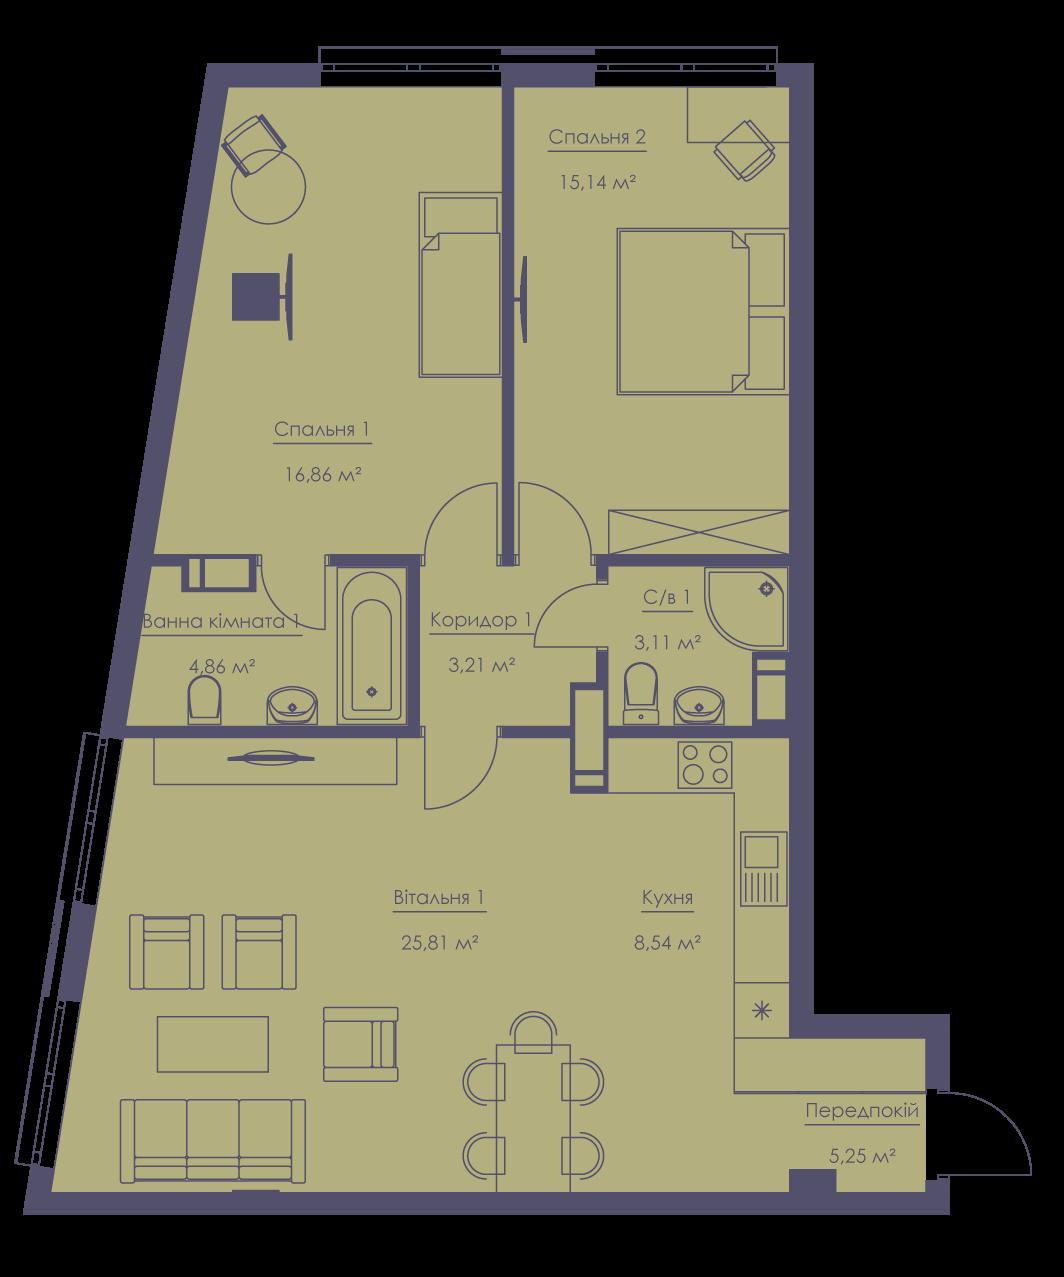 Apartment layout KV_74_3n_1_1_7-1